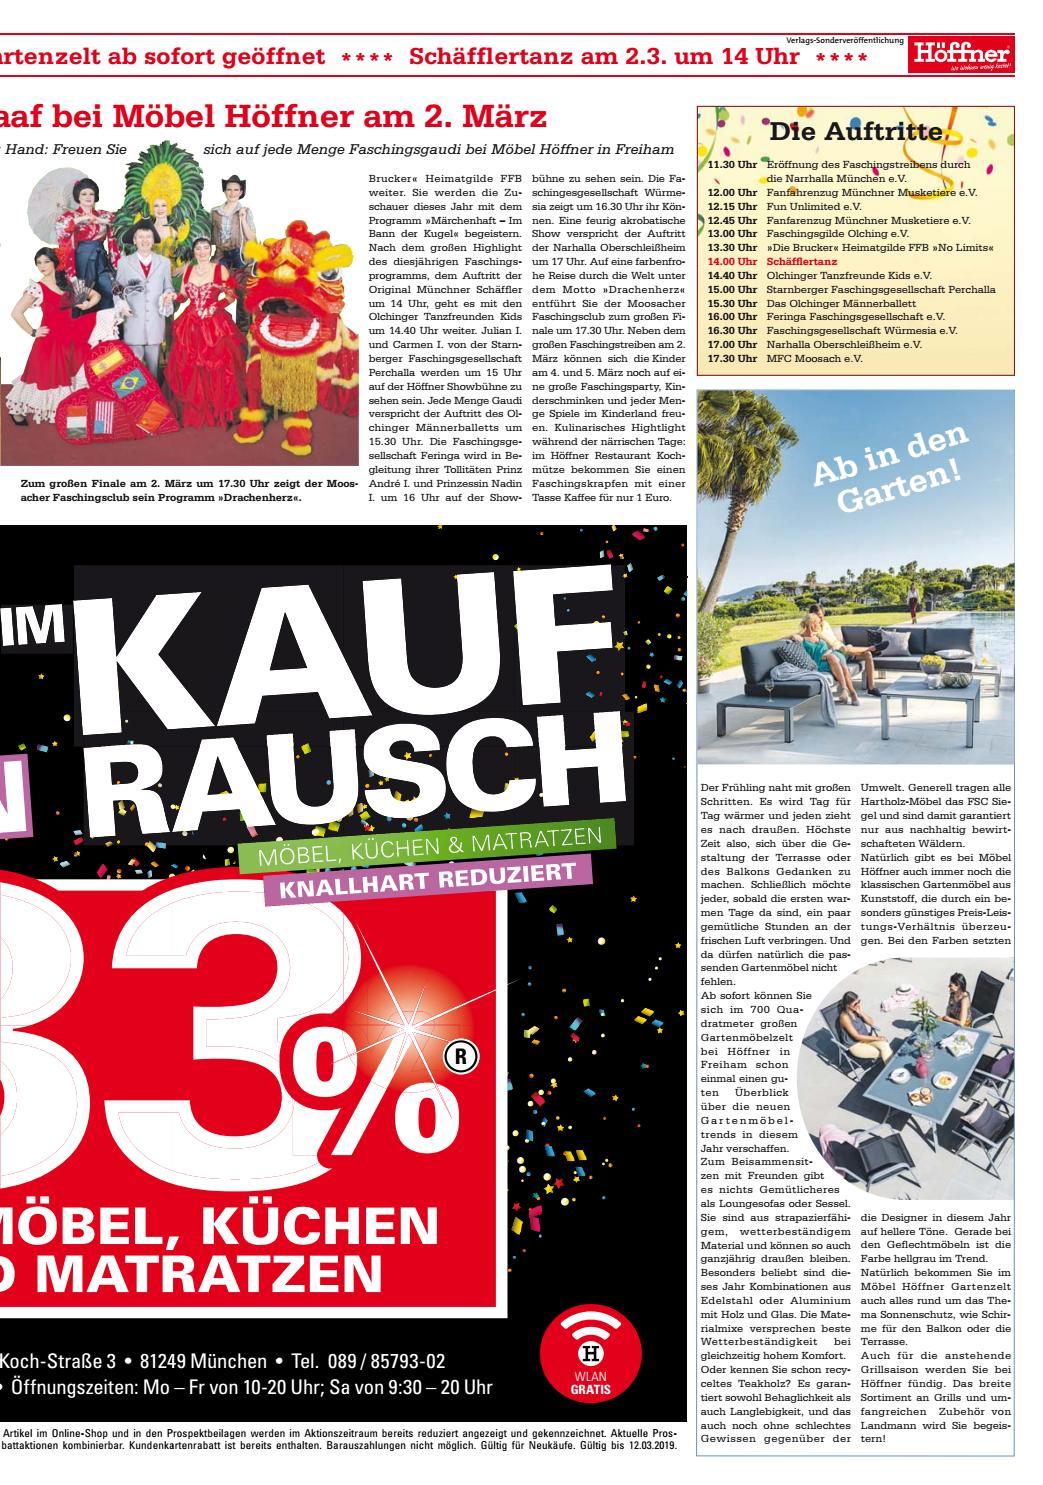 Kw 09 2019 By Wochenanzeiger Medien Gmbh Issuu